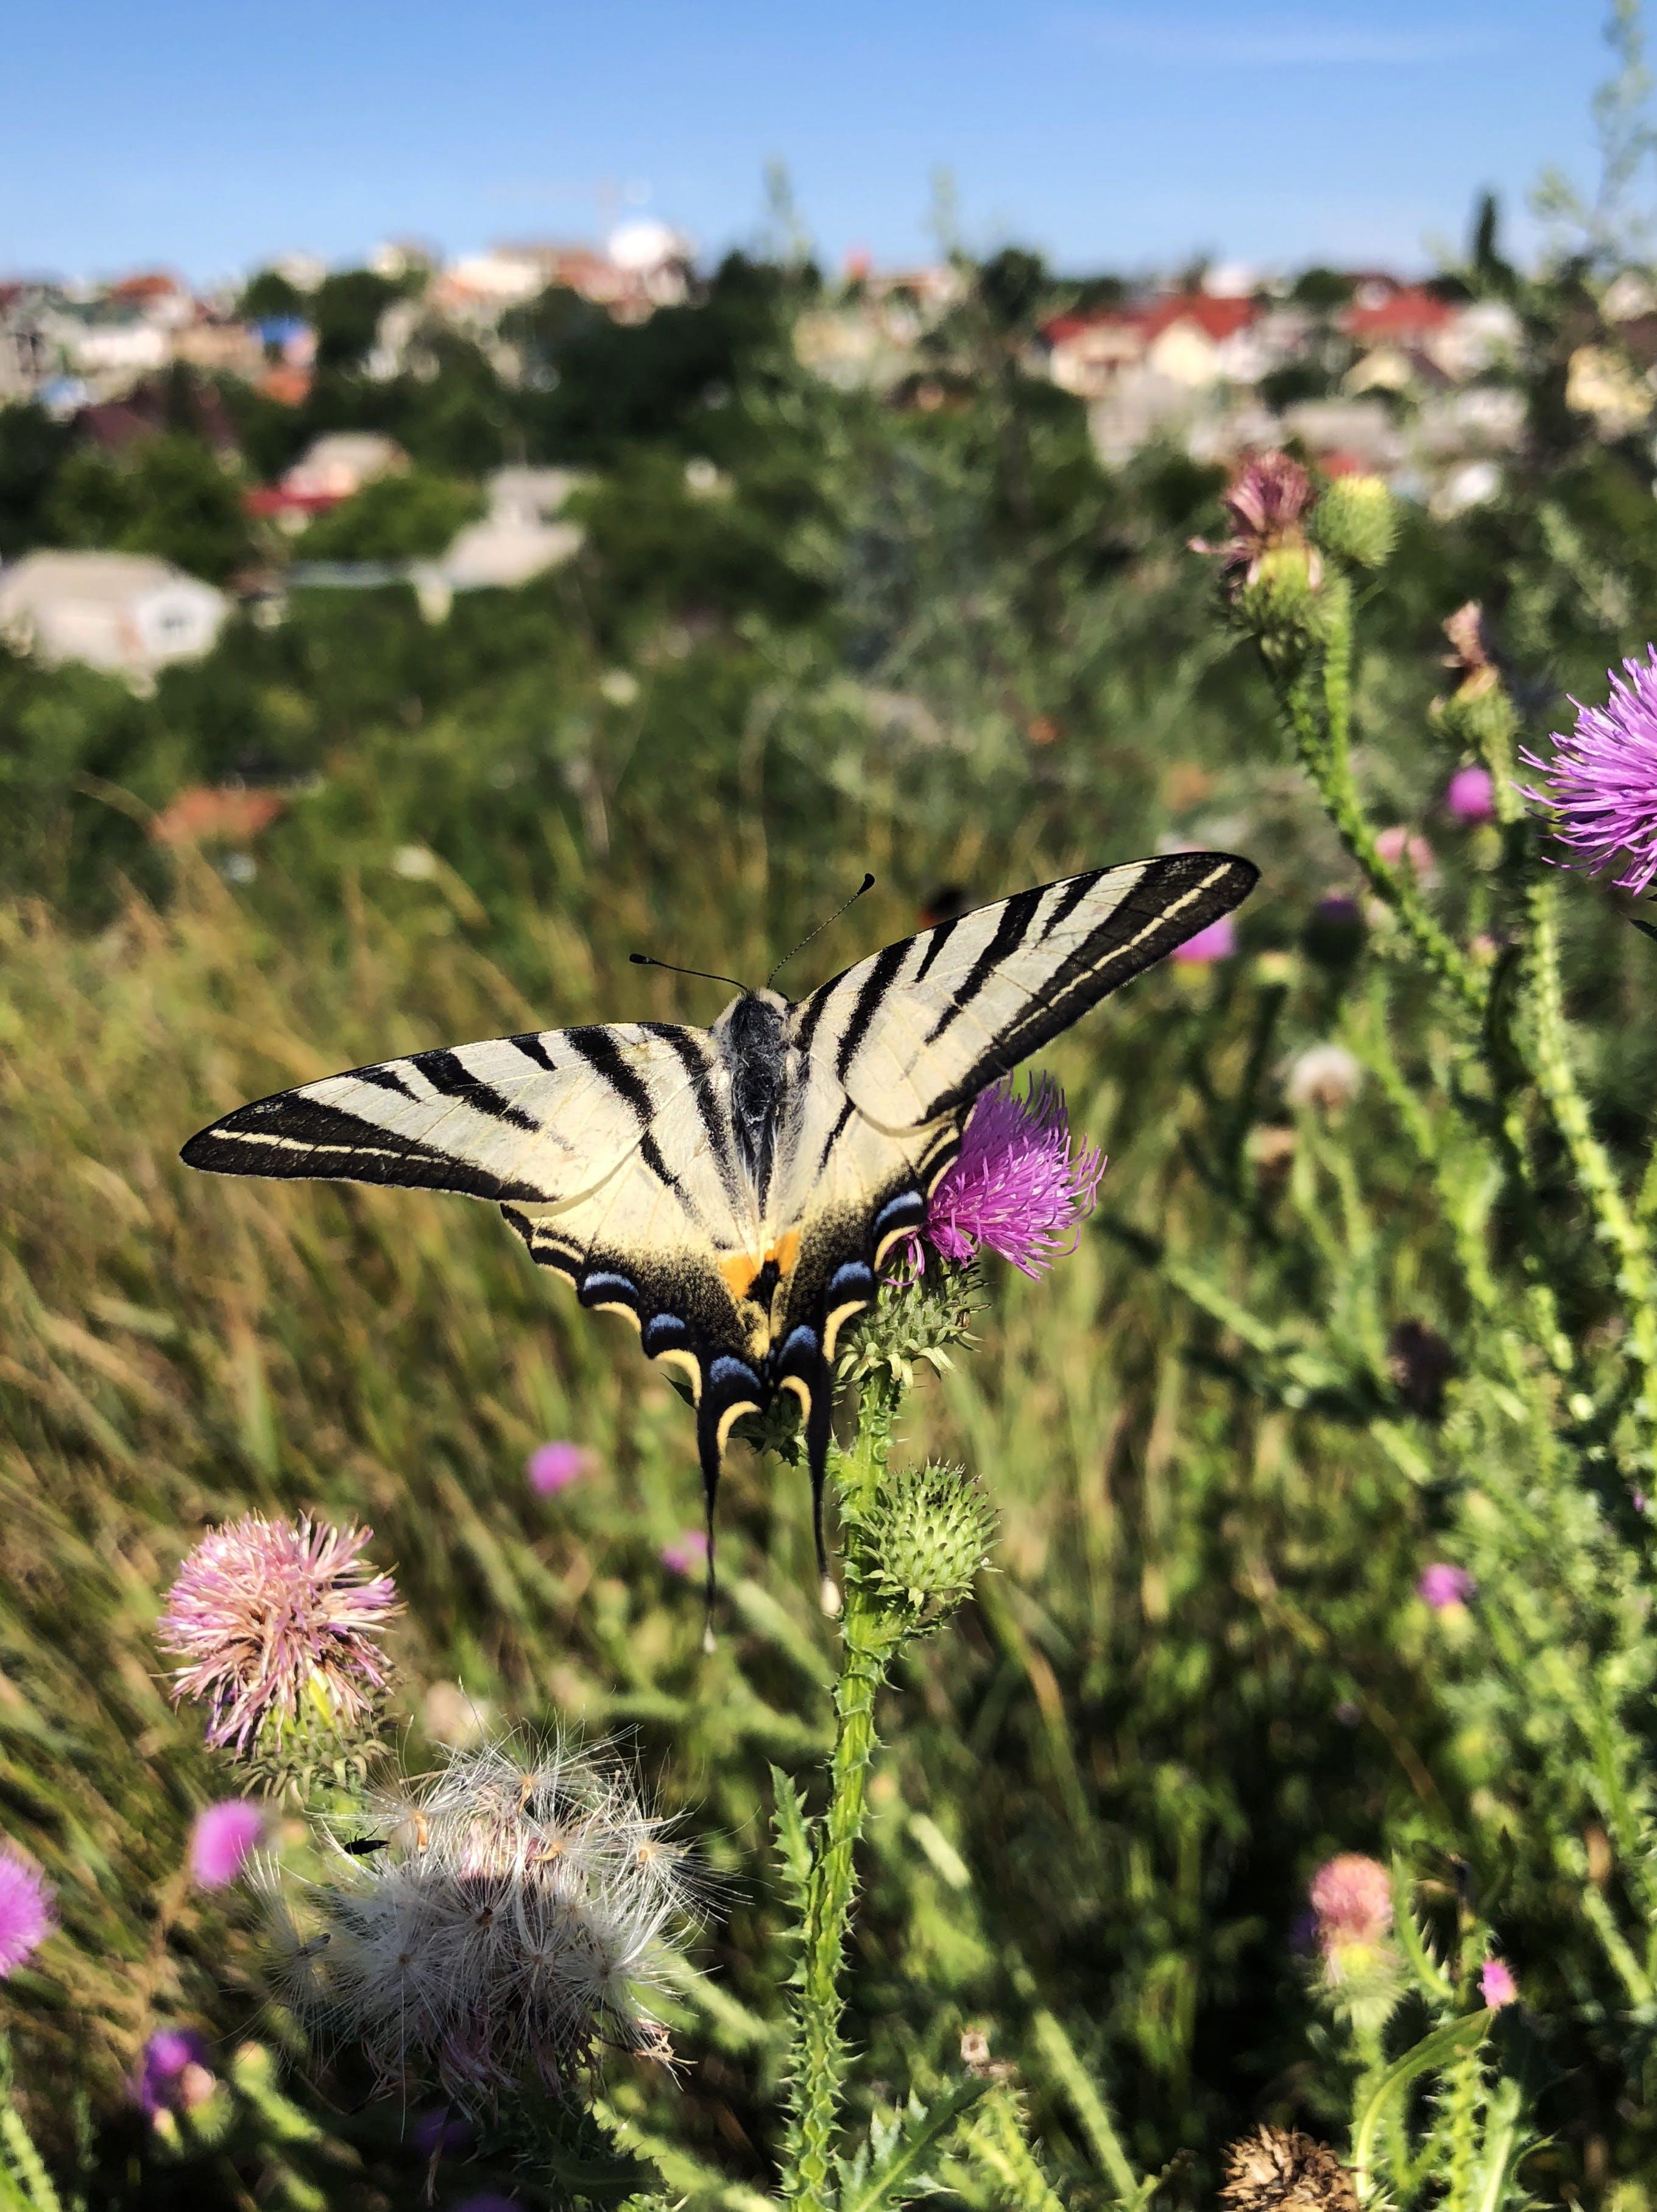 Gratis arkivbilde med moder natur, sommerfugl, sommerfugl på blomst